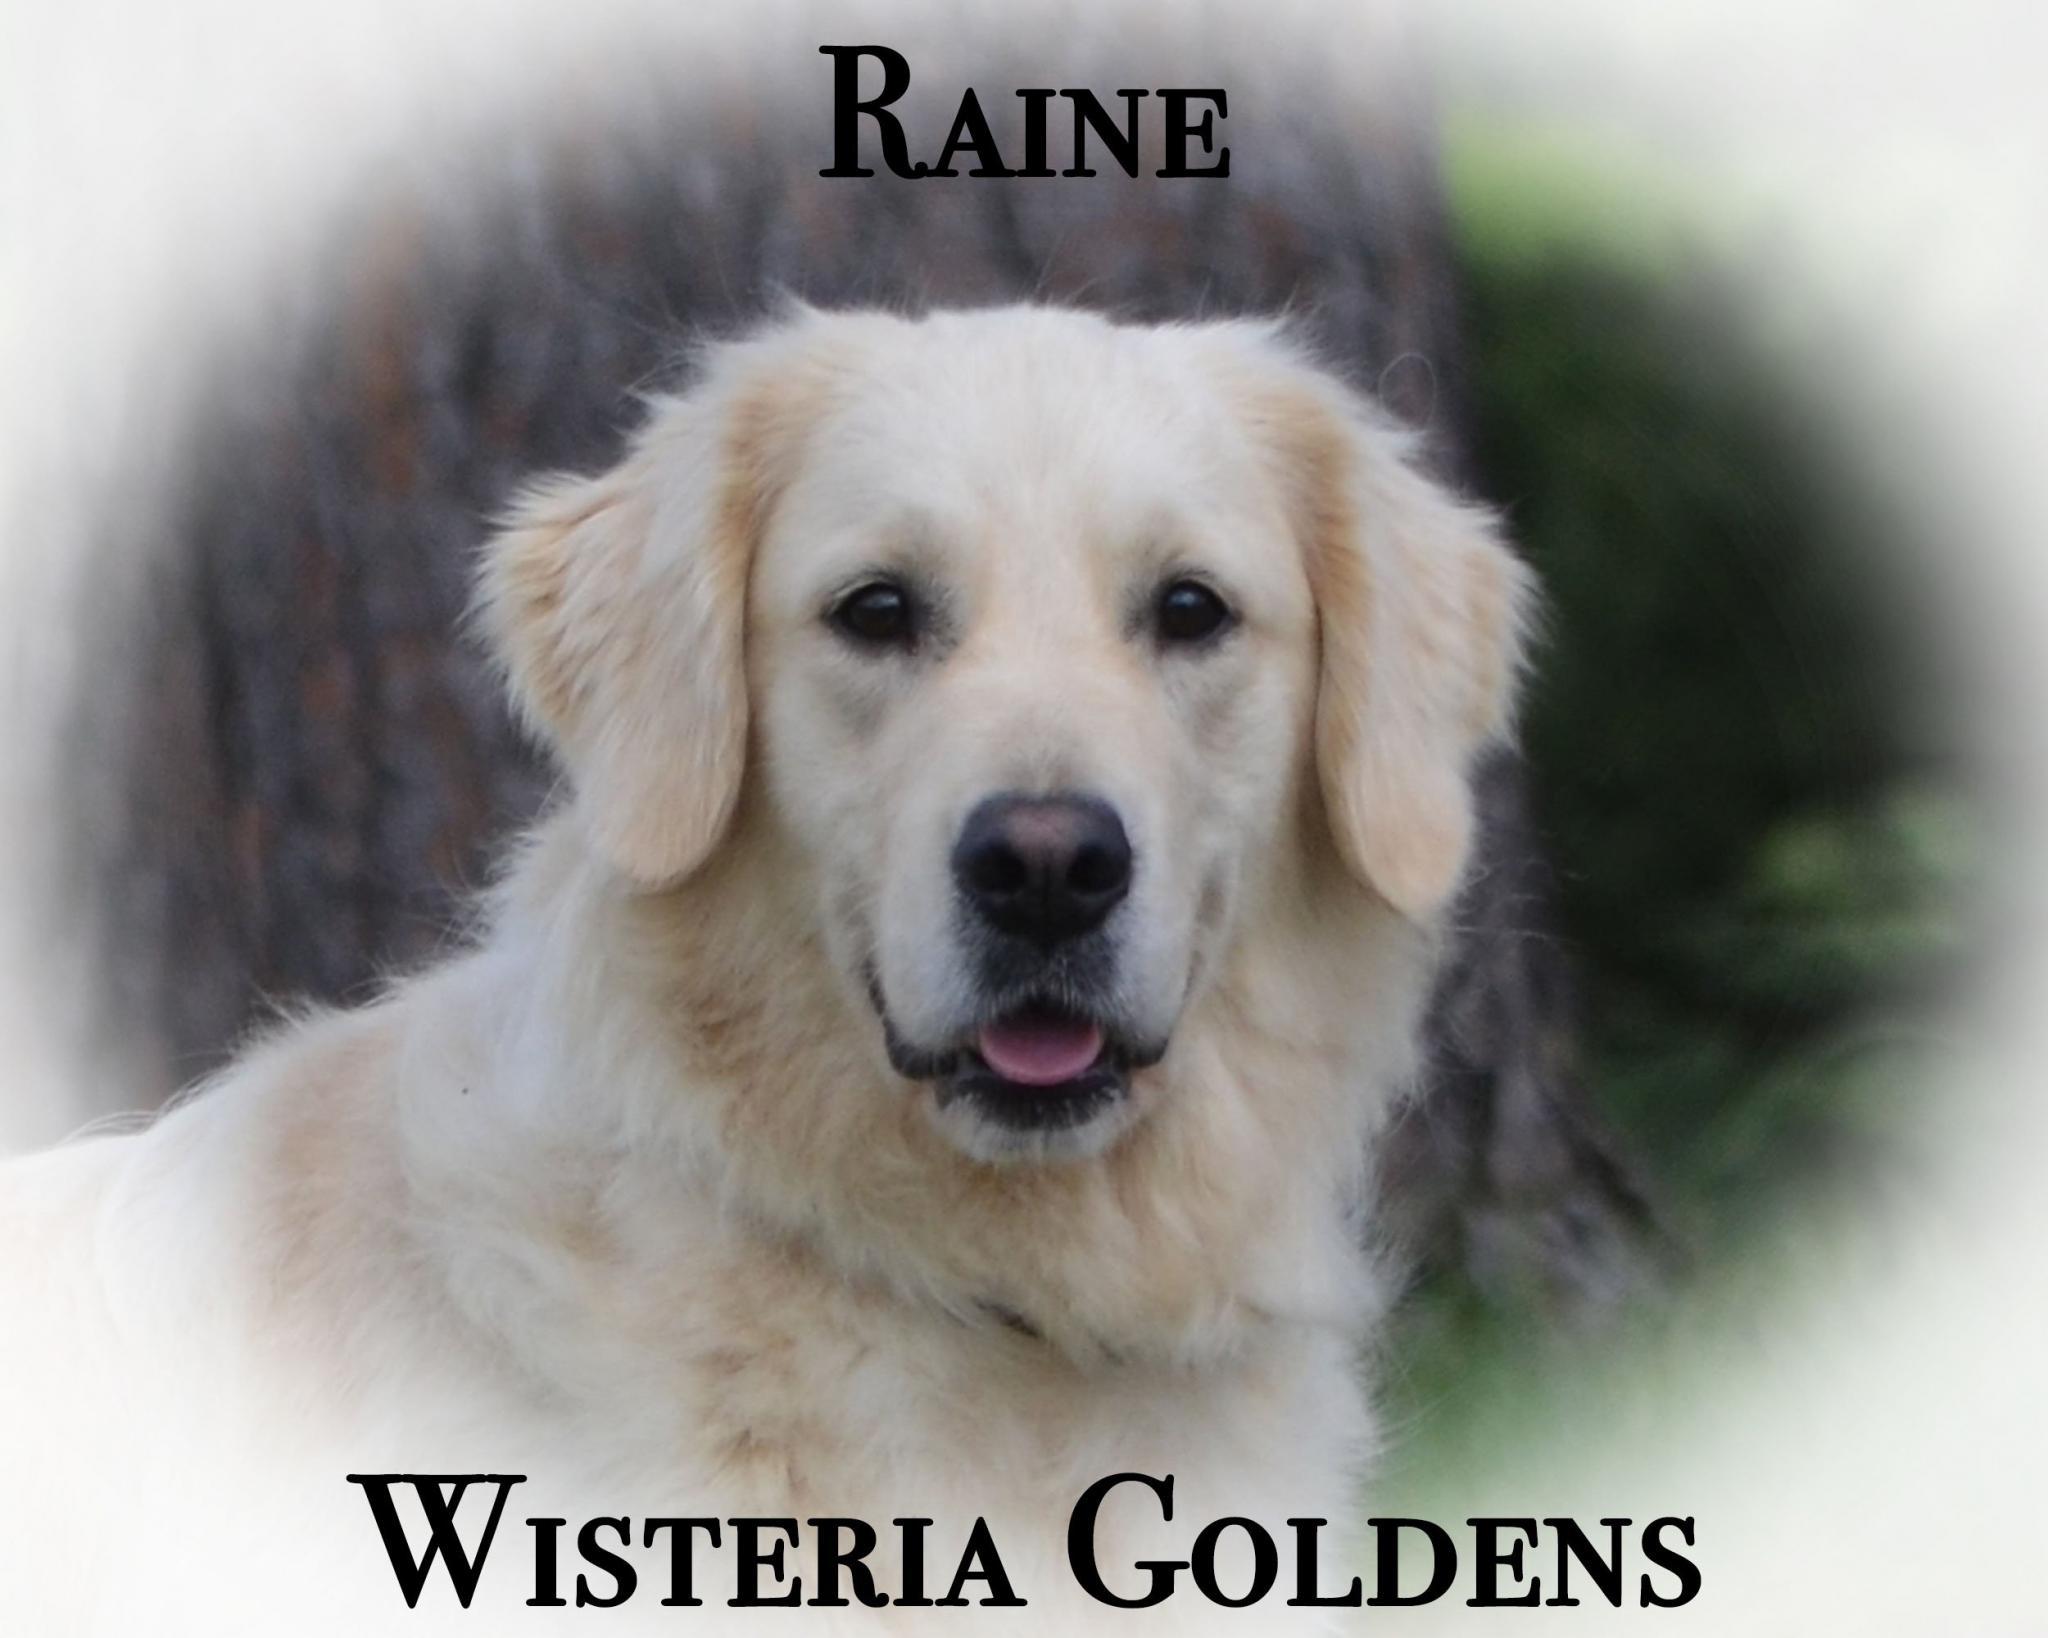 Our Dogs Wisteria Tropical Raine English Golden Retriever Wisteria Goldens Our Dogs